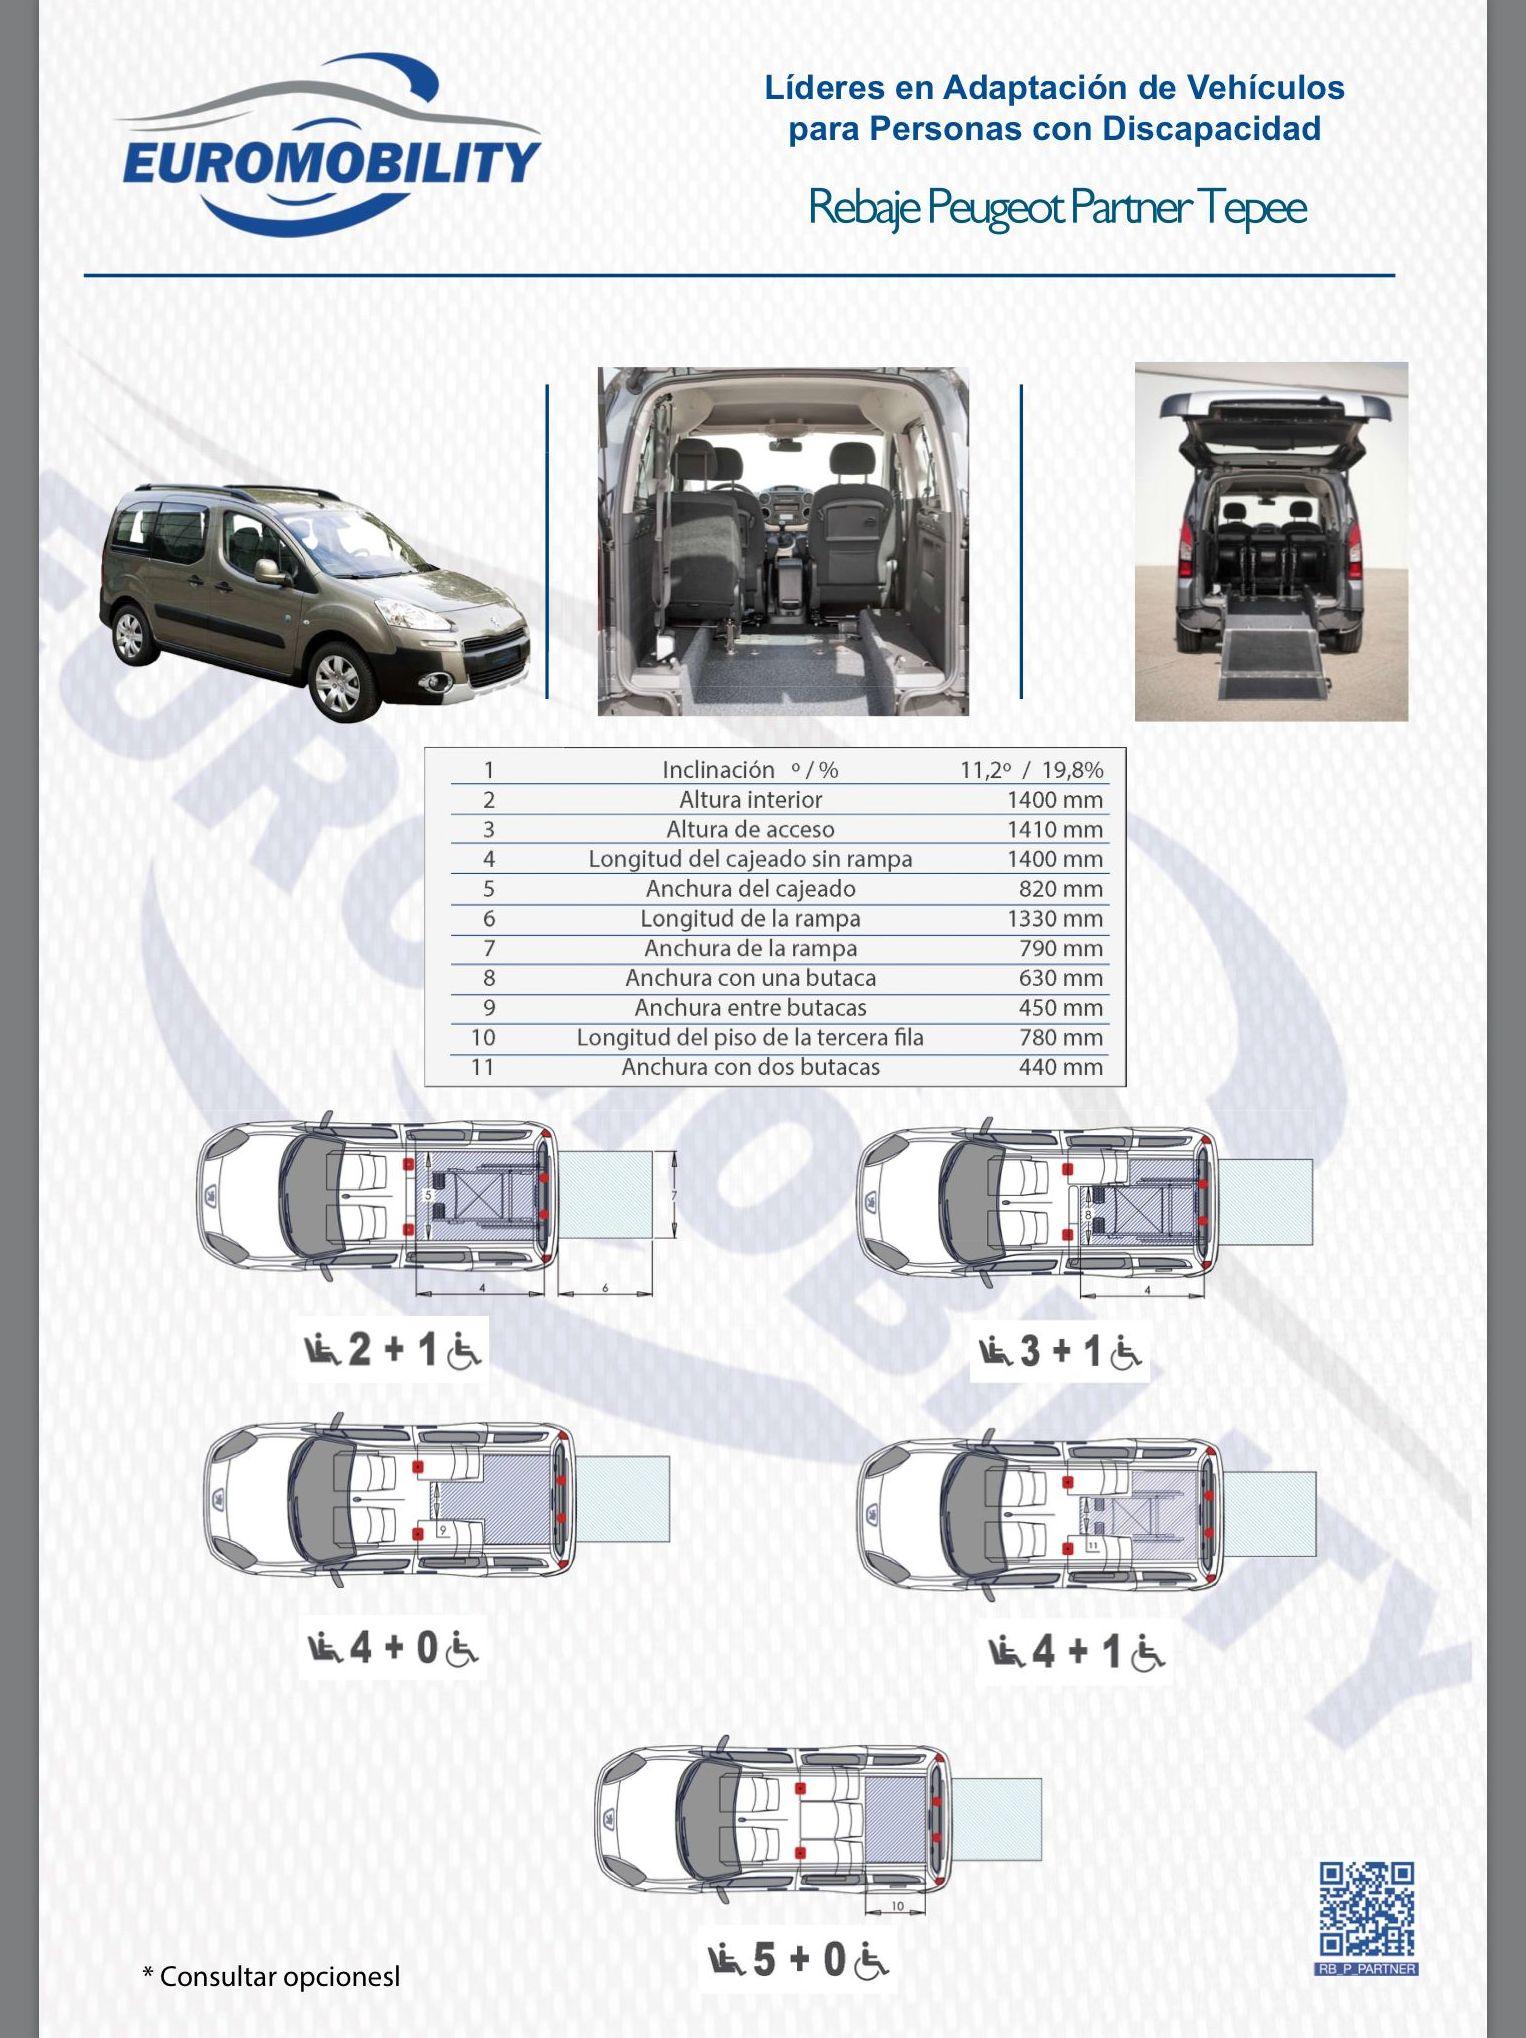 Rebaje de piso / Cajeado Peugeot Partner Tepee. Adaptación de vehiculos Oviedo